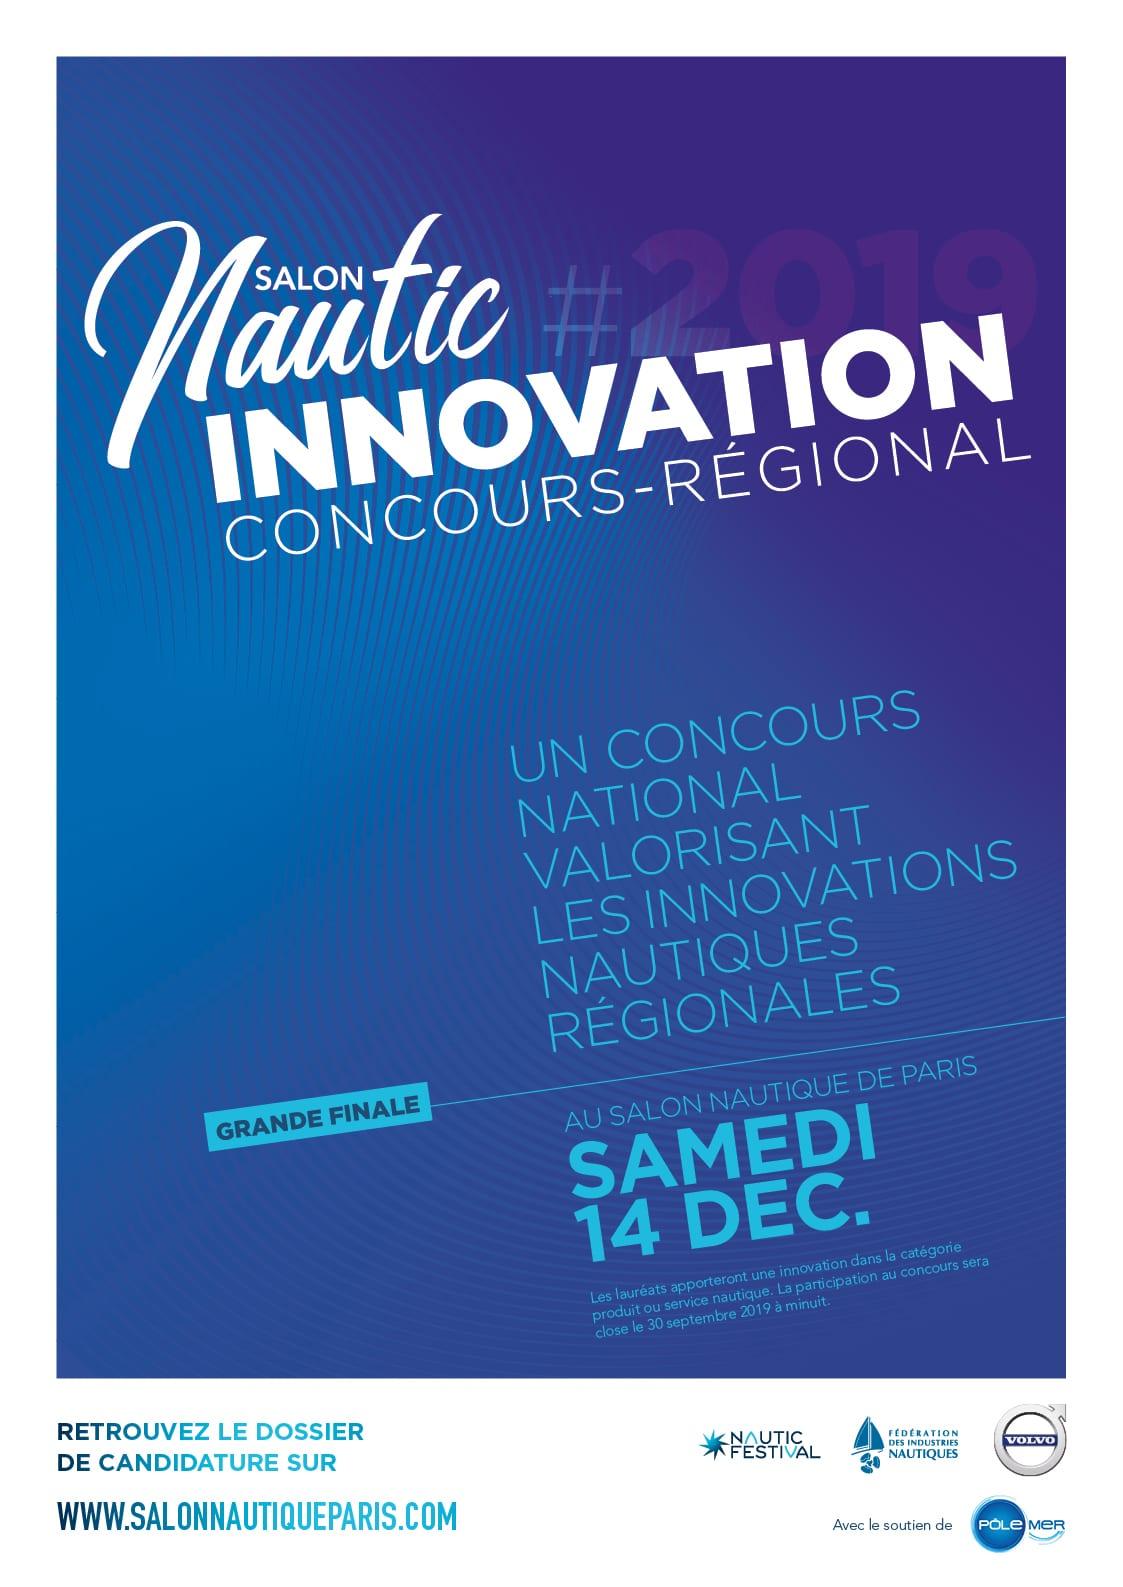 Nautic de Paris – Concours d'innovation nautique 2019